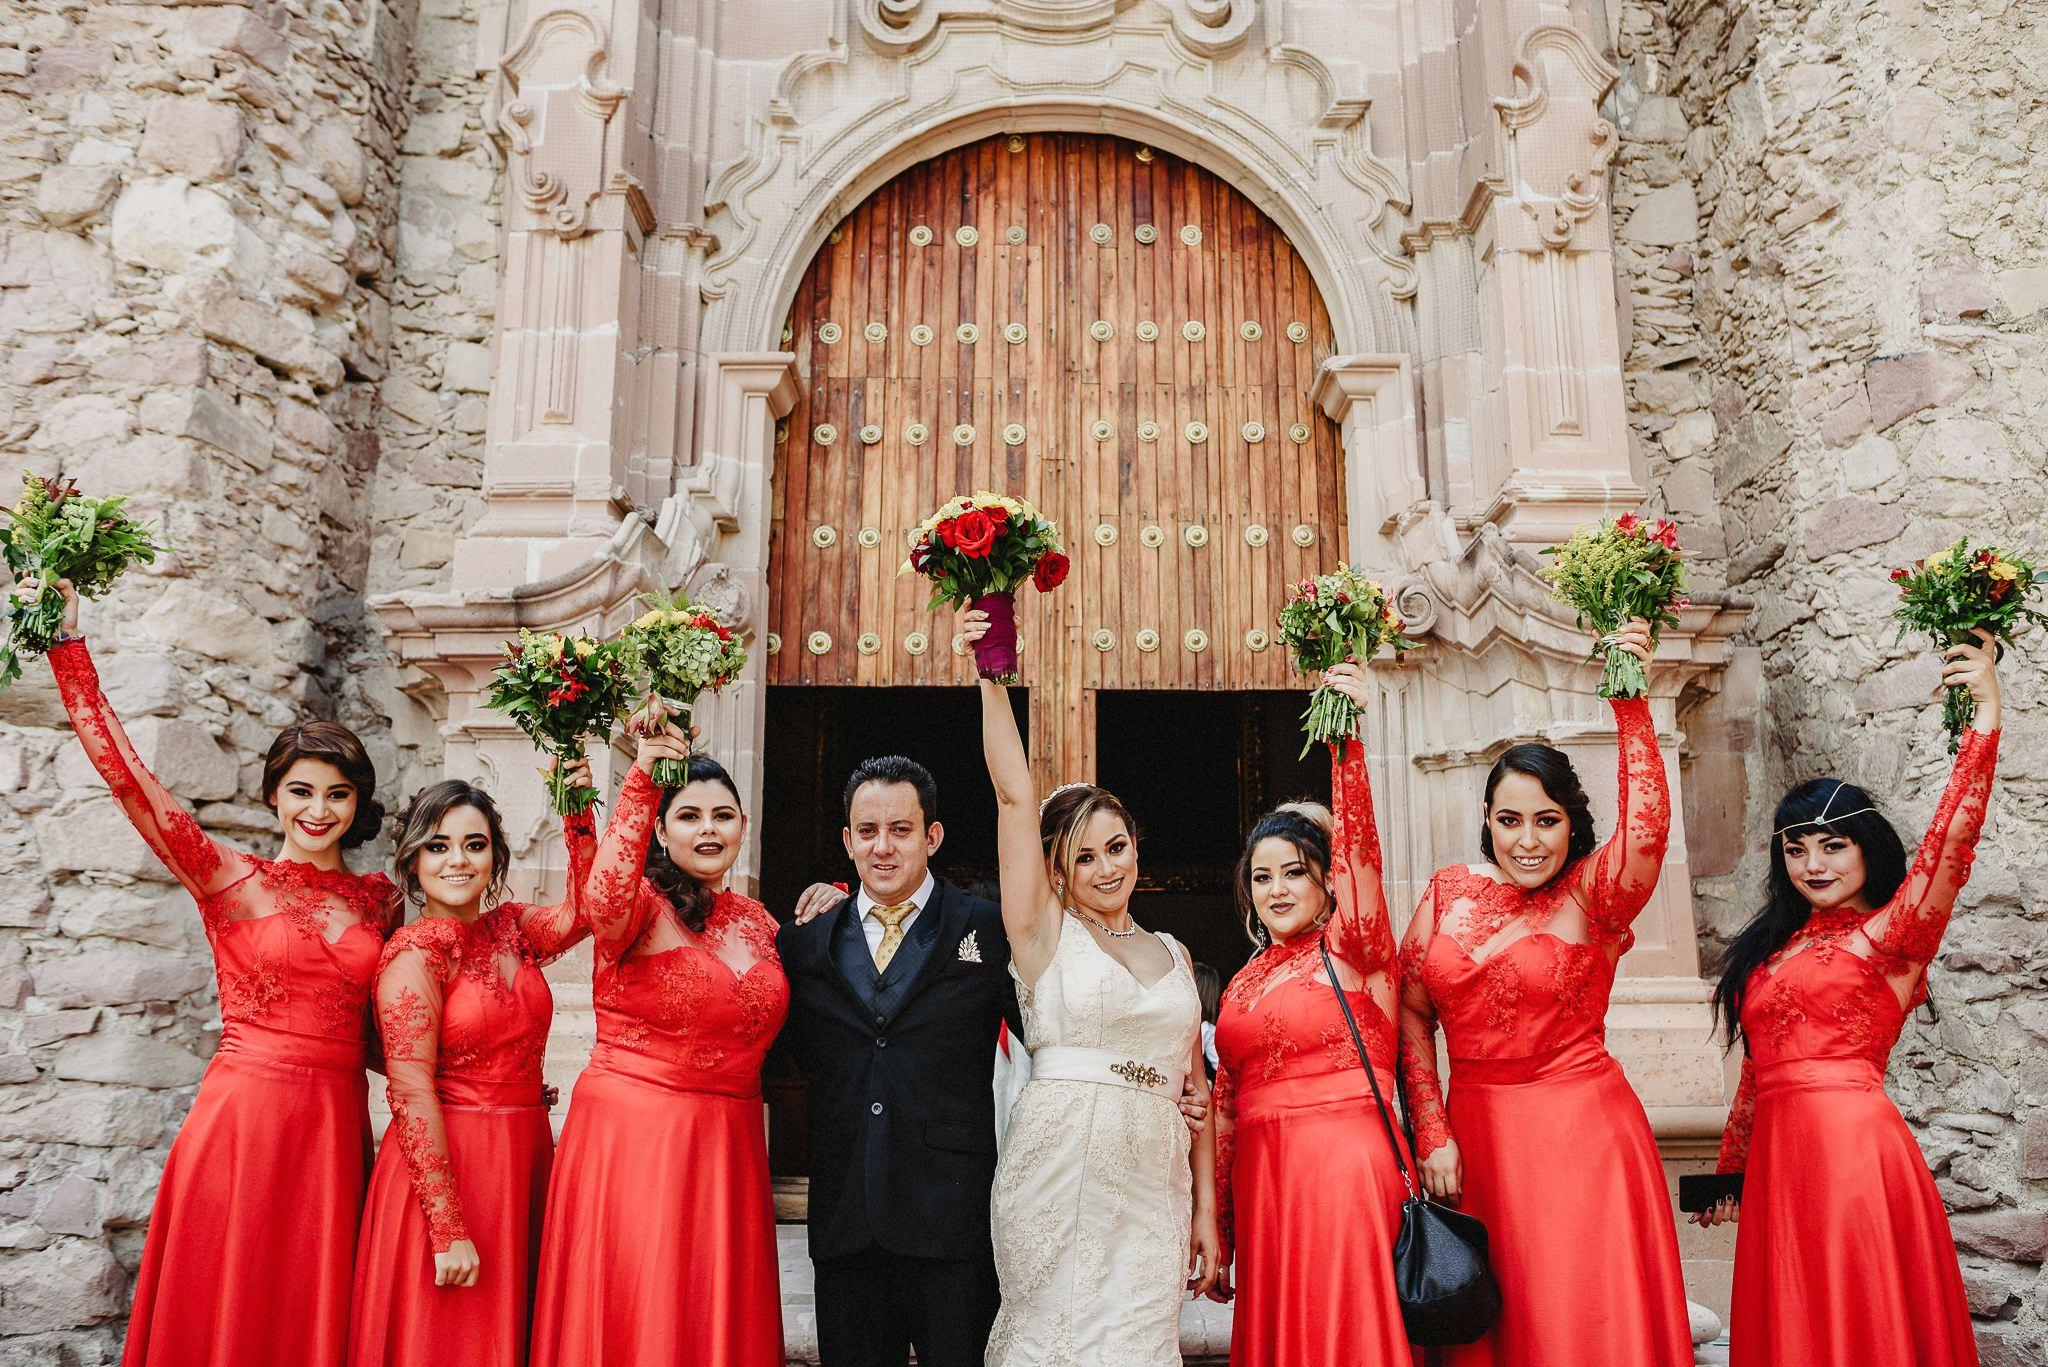 02boda-wedding-ceremonia-templo-barrio-del-encino-aguascalientes-fotografo-luis-houdin76